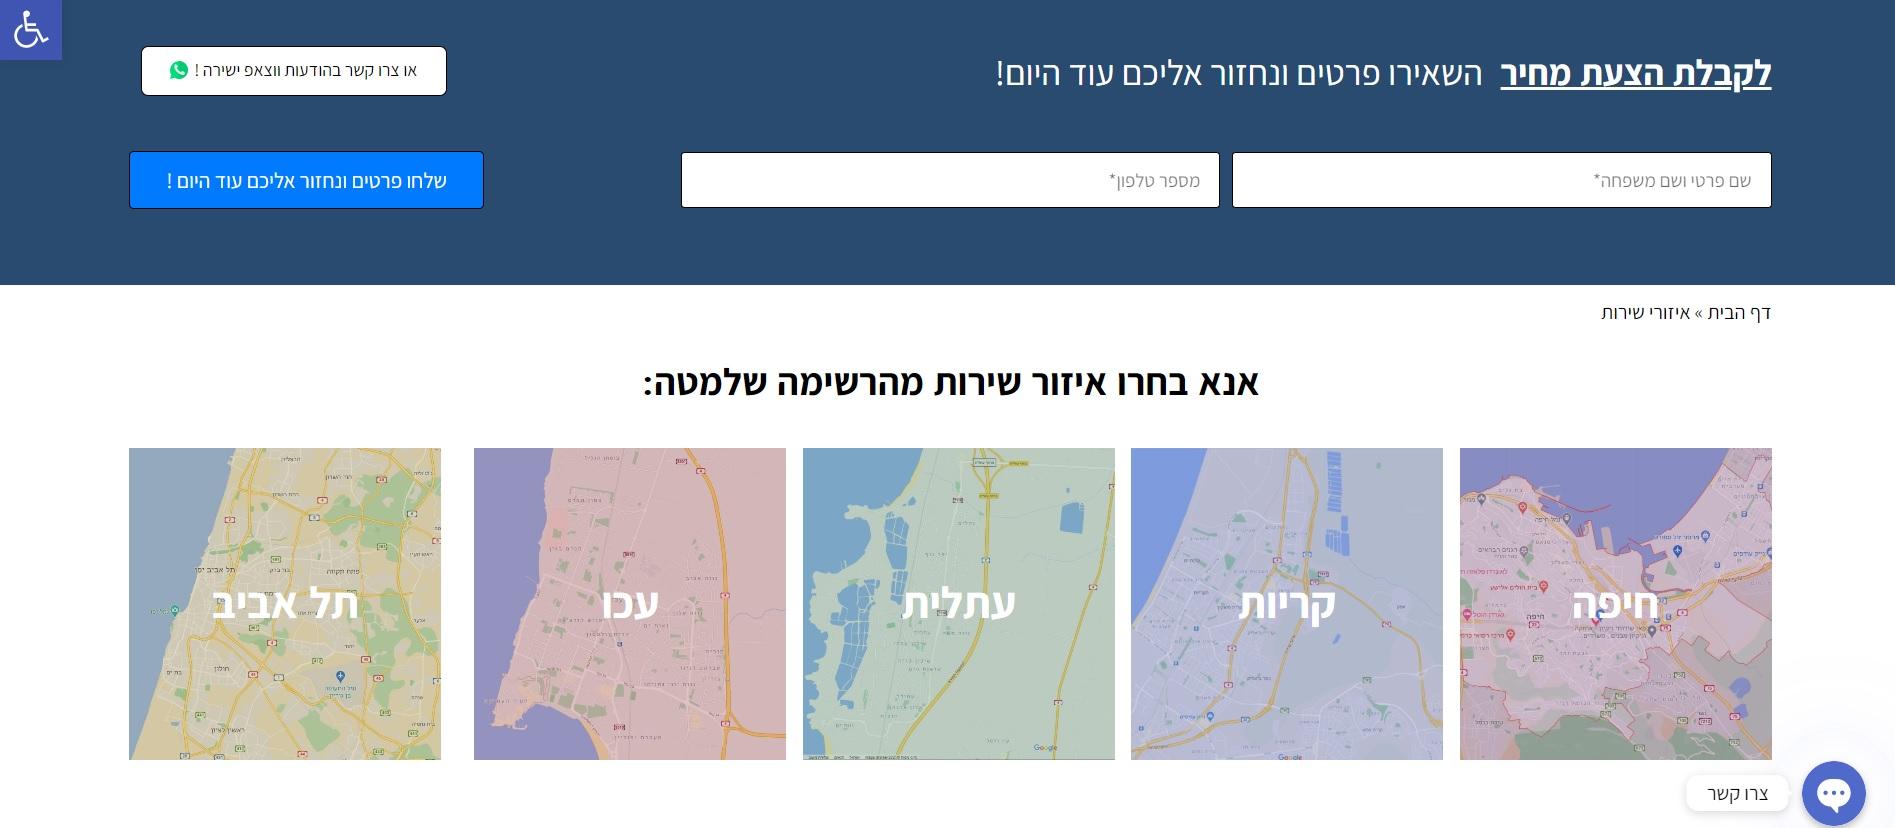 תצוגת דף איזורי שירות פאי קלין אחזקות